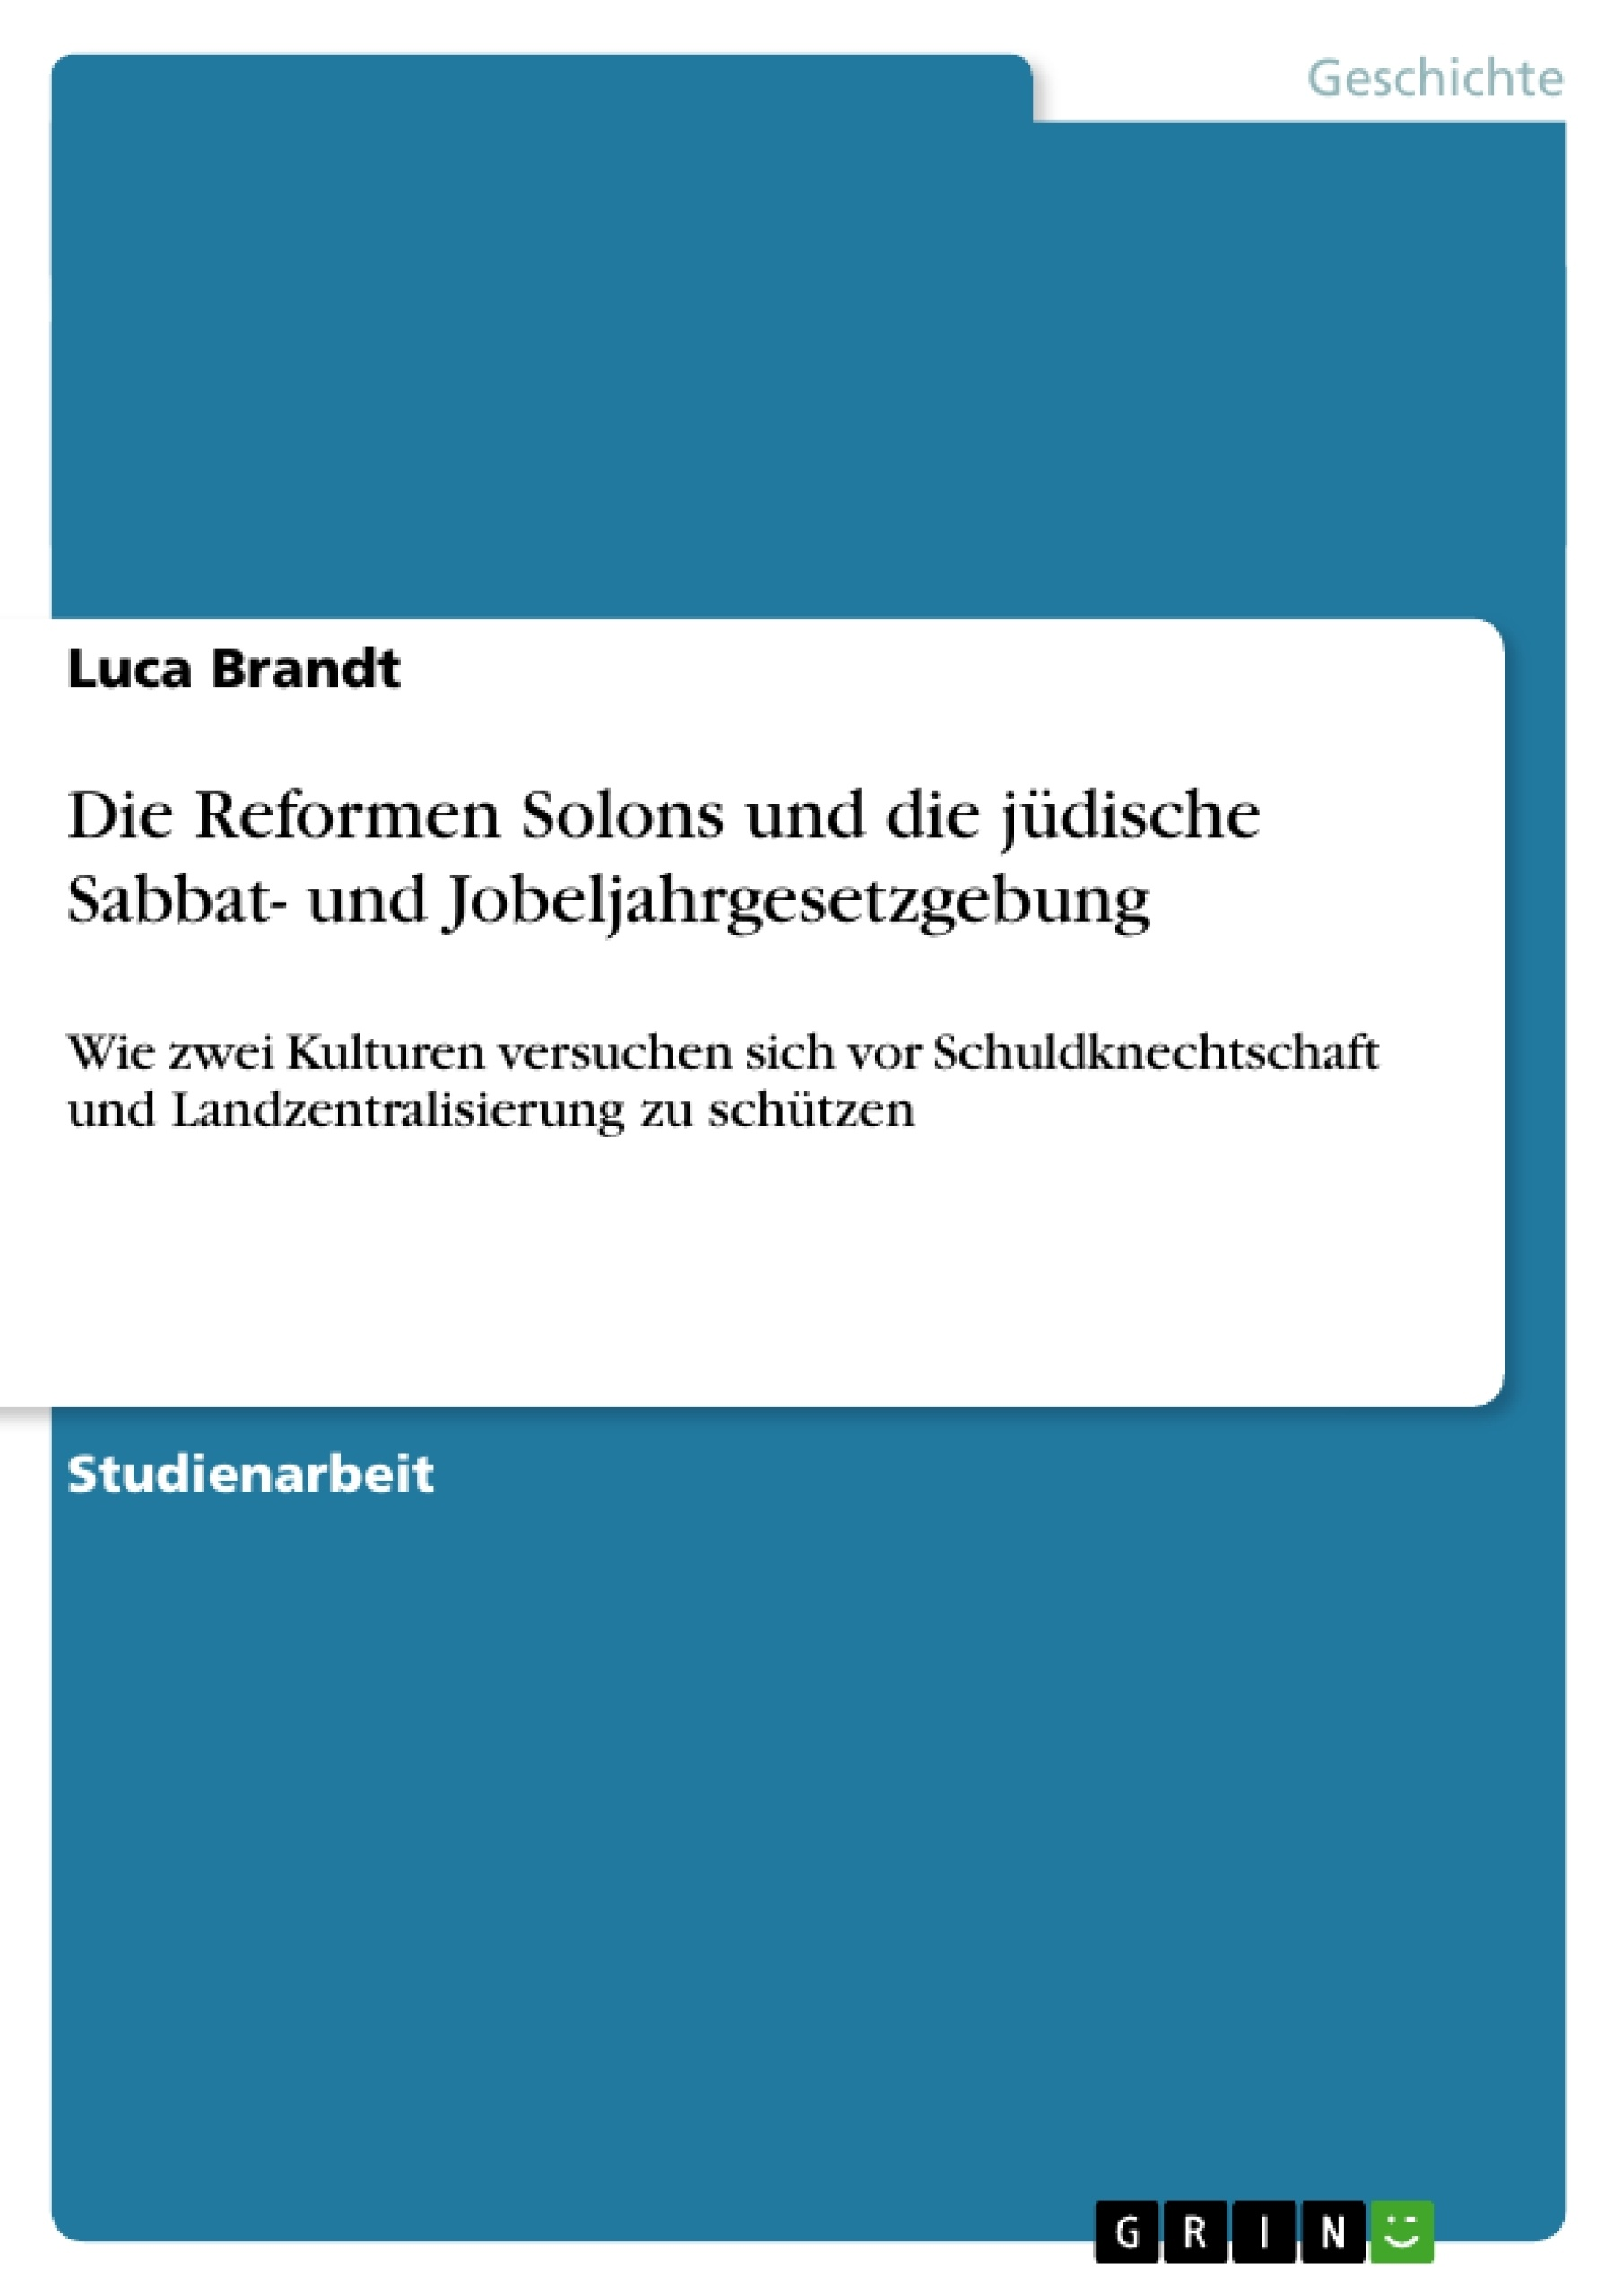 Titel: Die Reformen Solons und die jüdische Sabbat- und Jobeljahrgesetzgebung